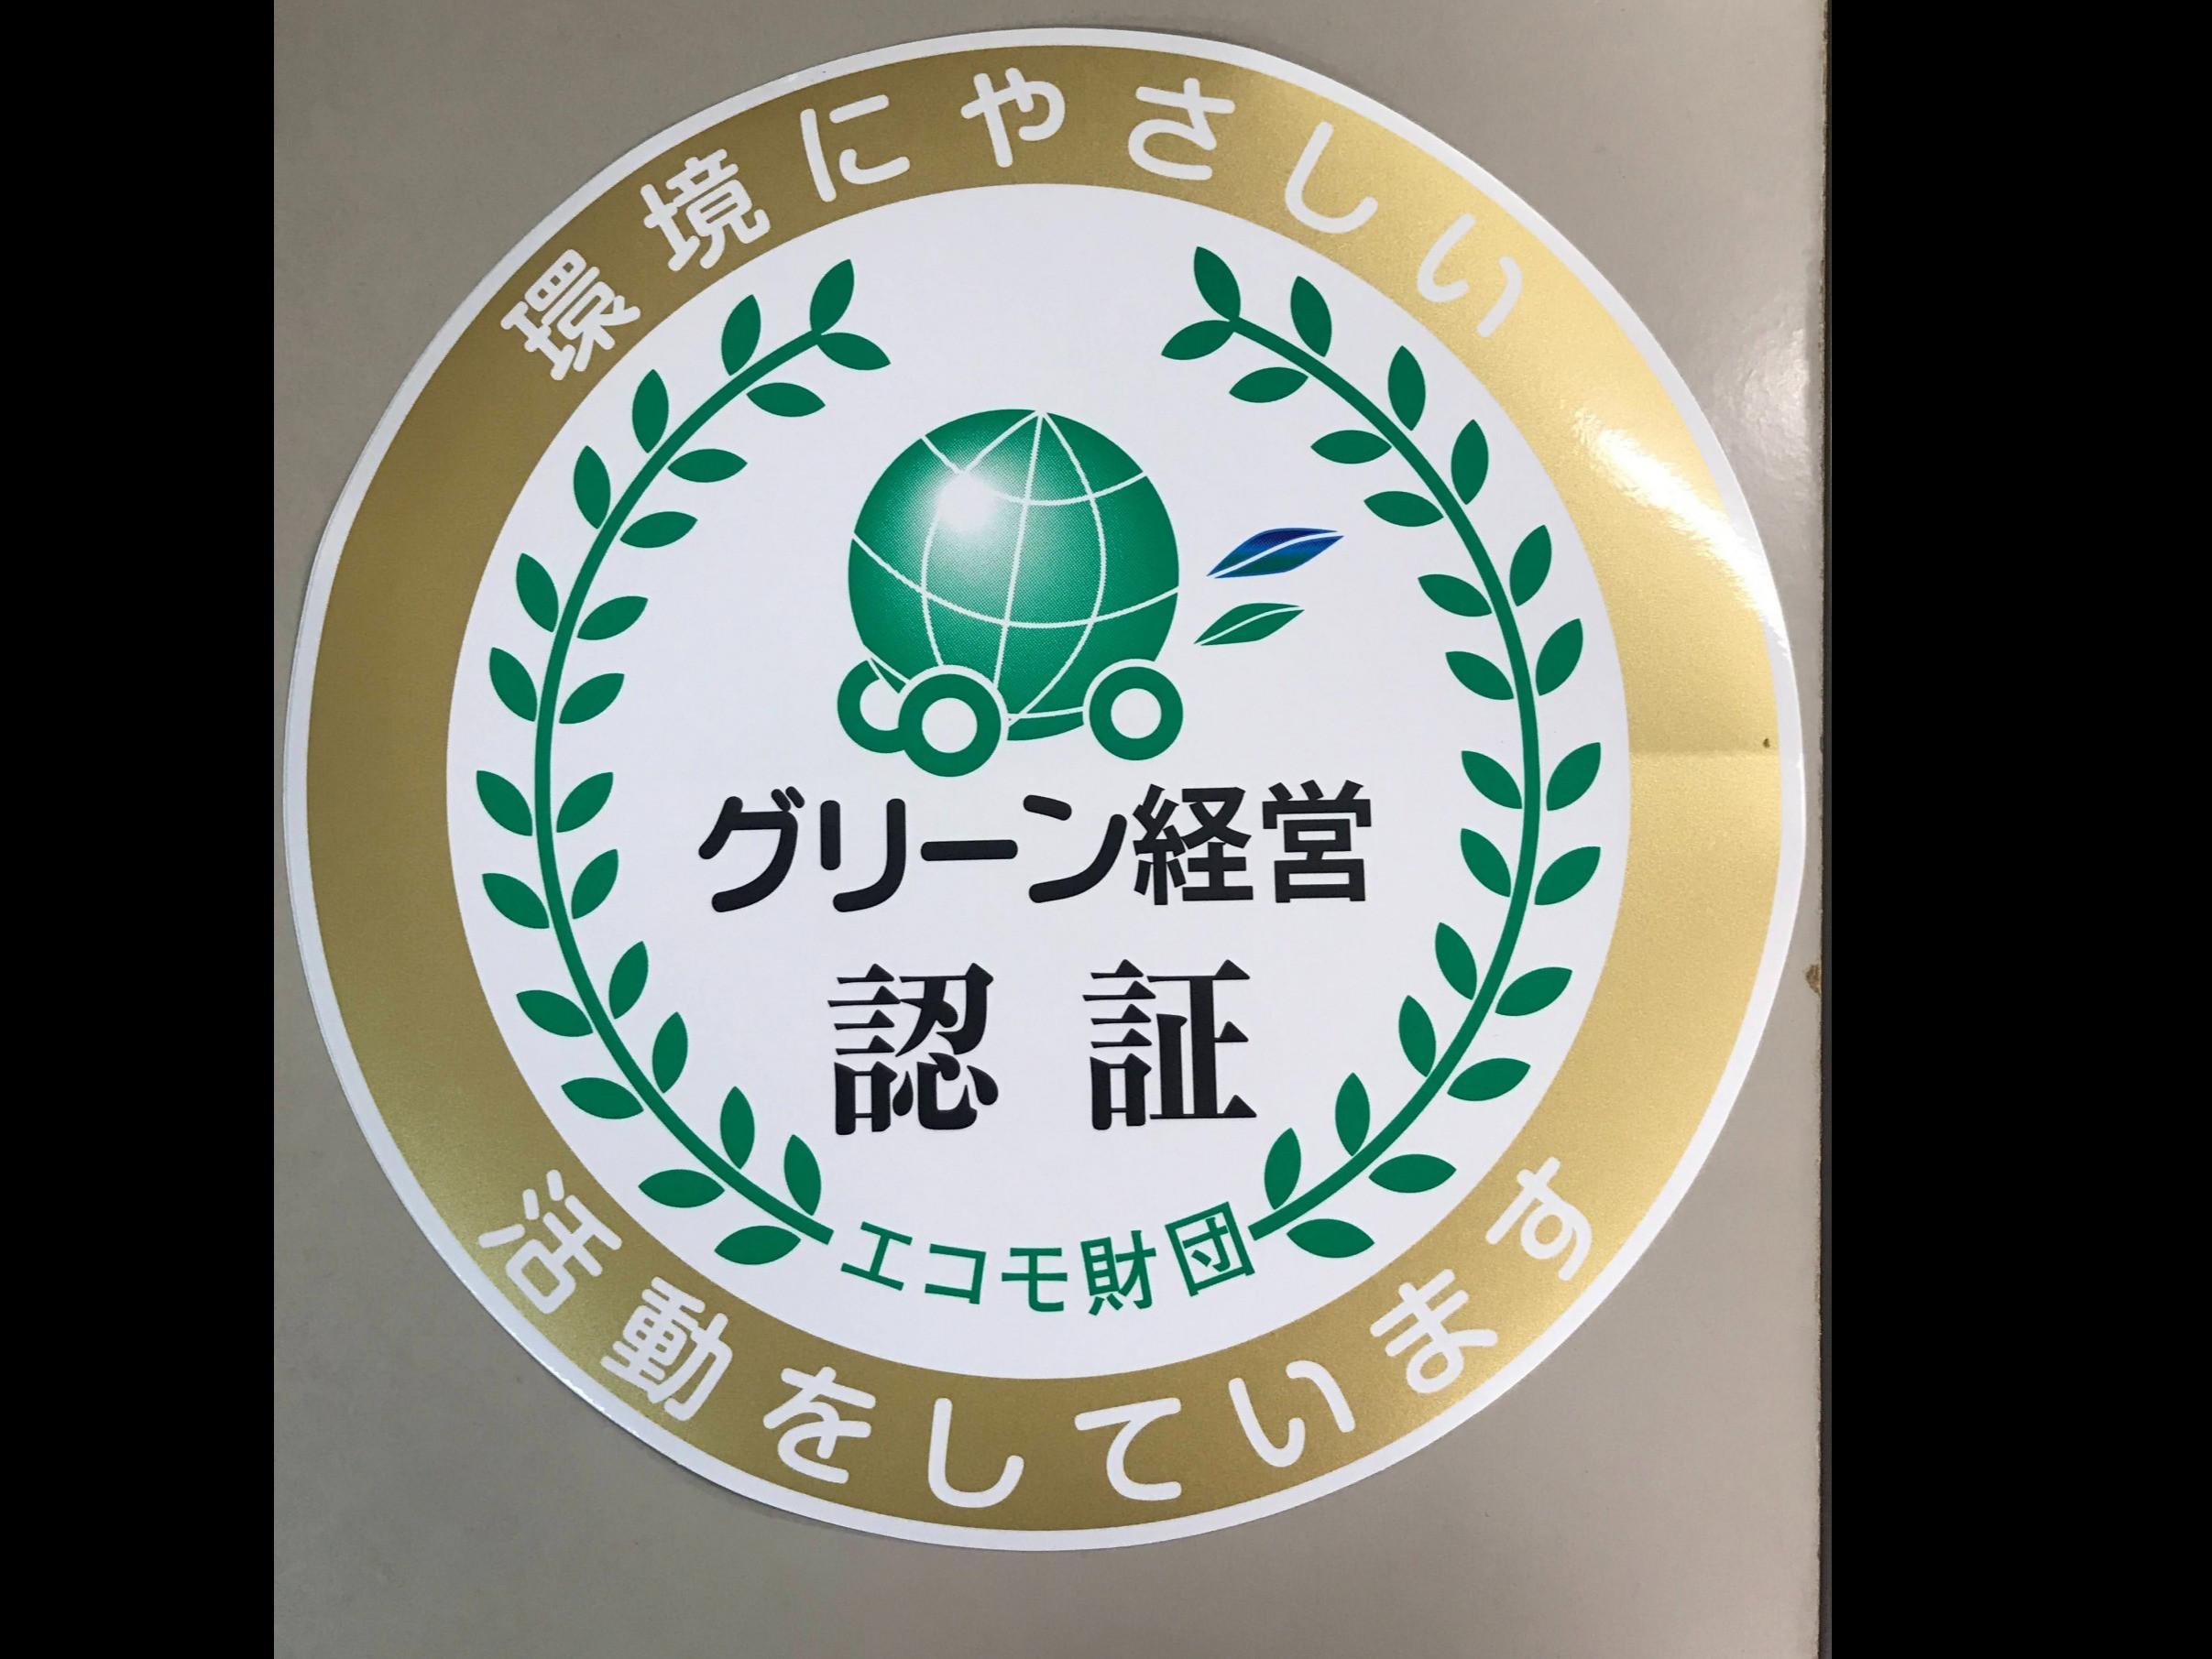 グリーン経営認証永年表彰を頂きました